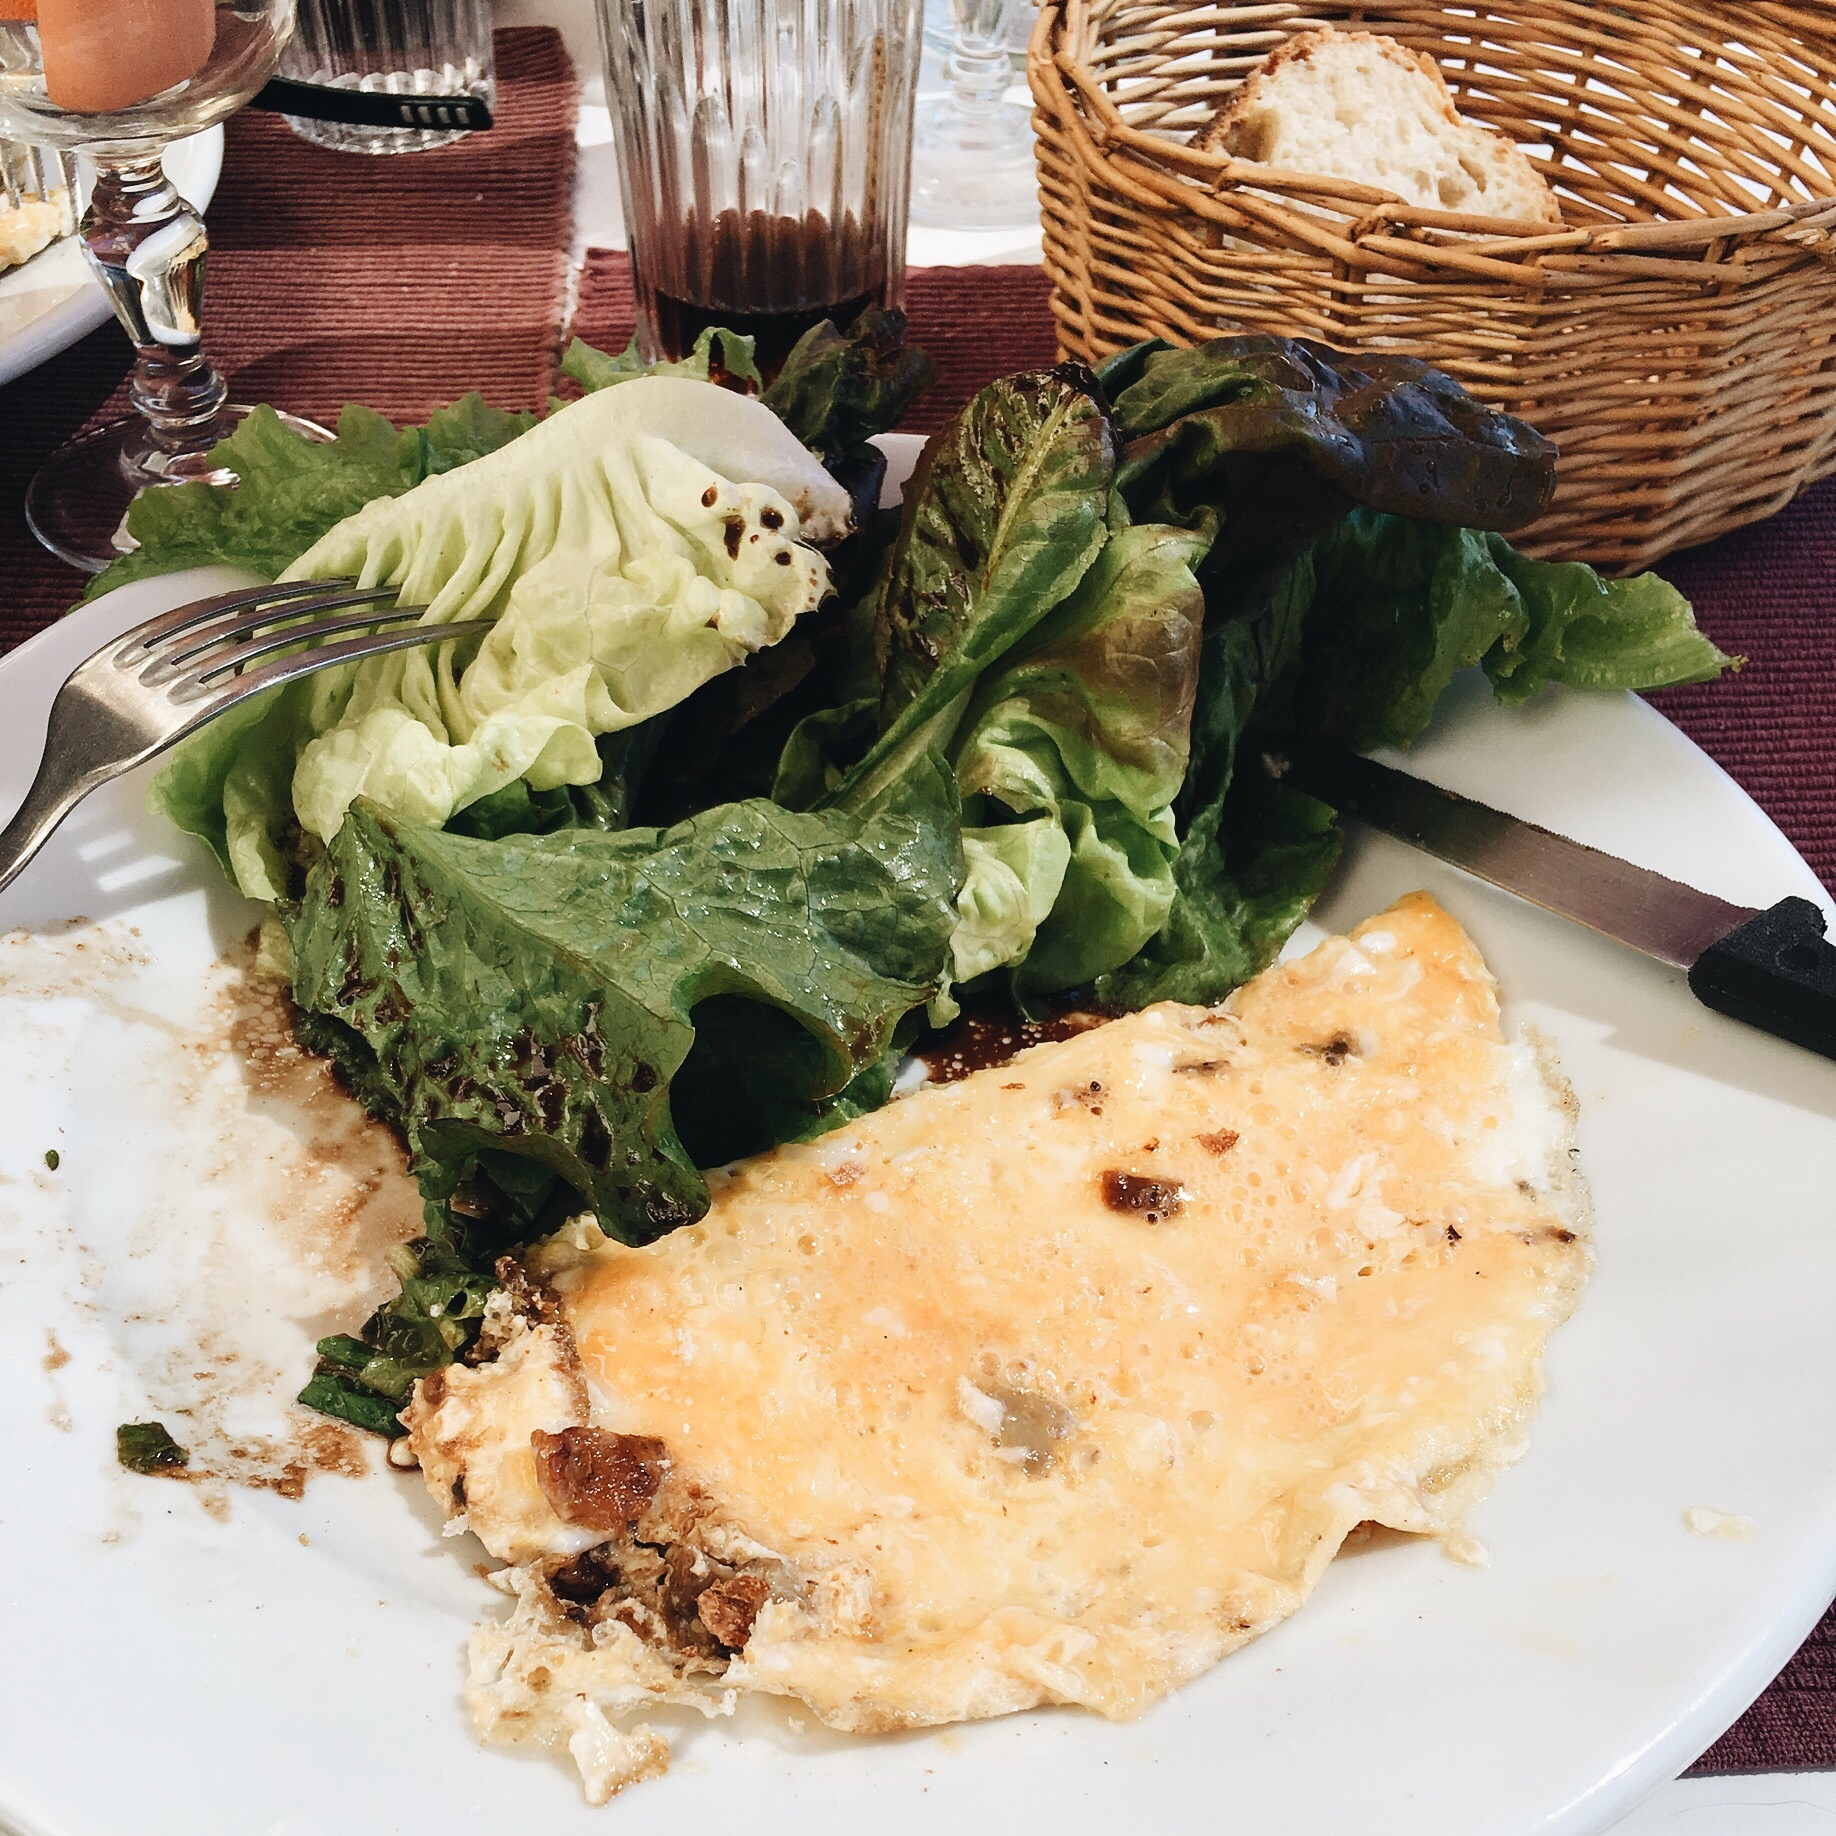 Half an omelette!